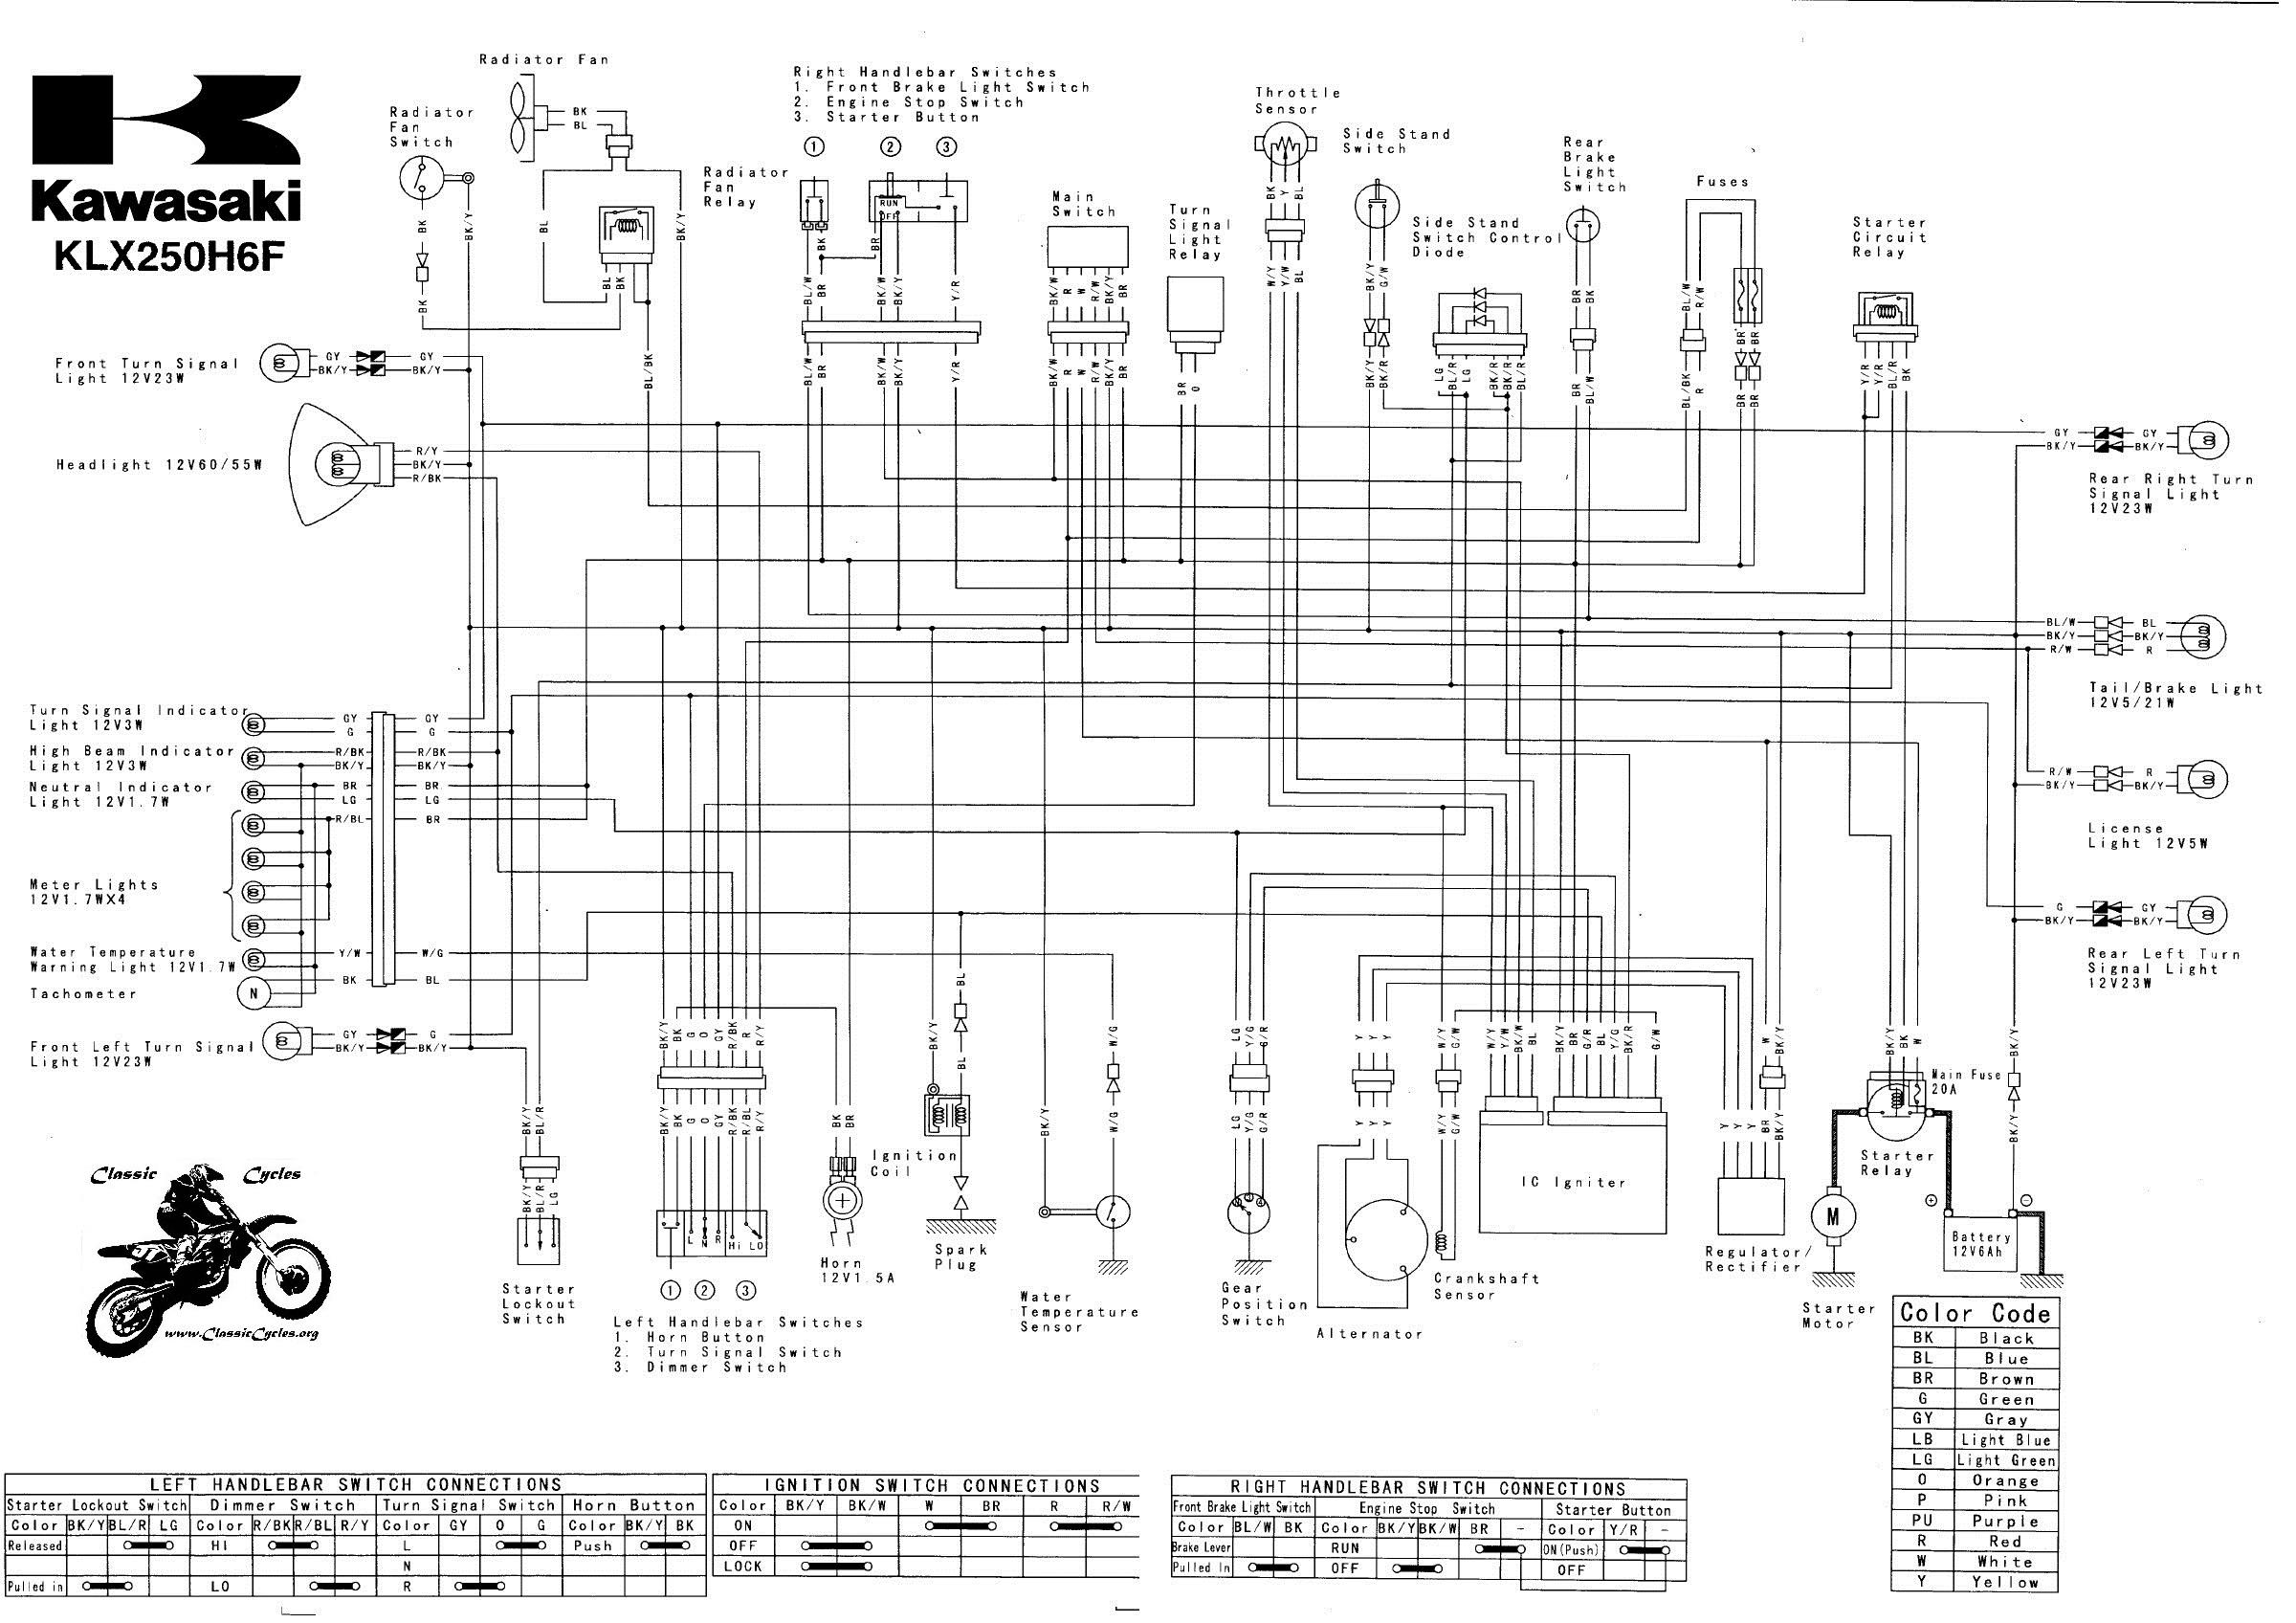 Schema Electrique Kawasaki Er5